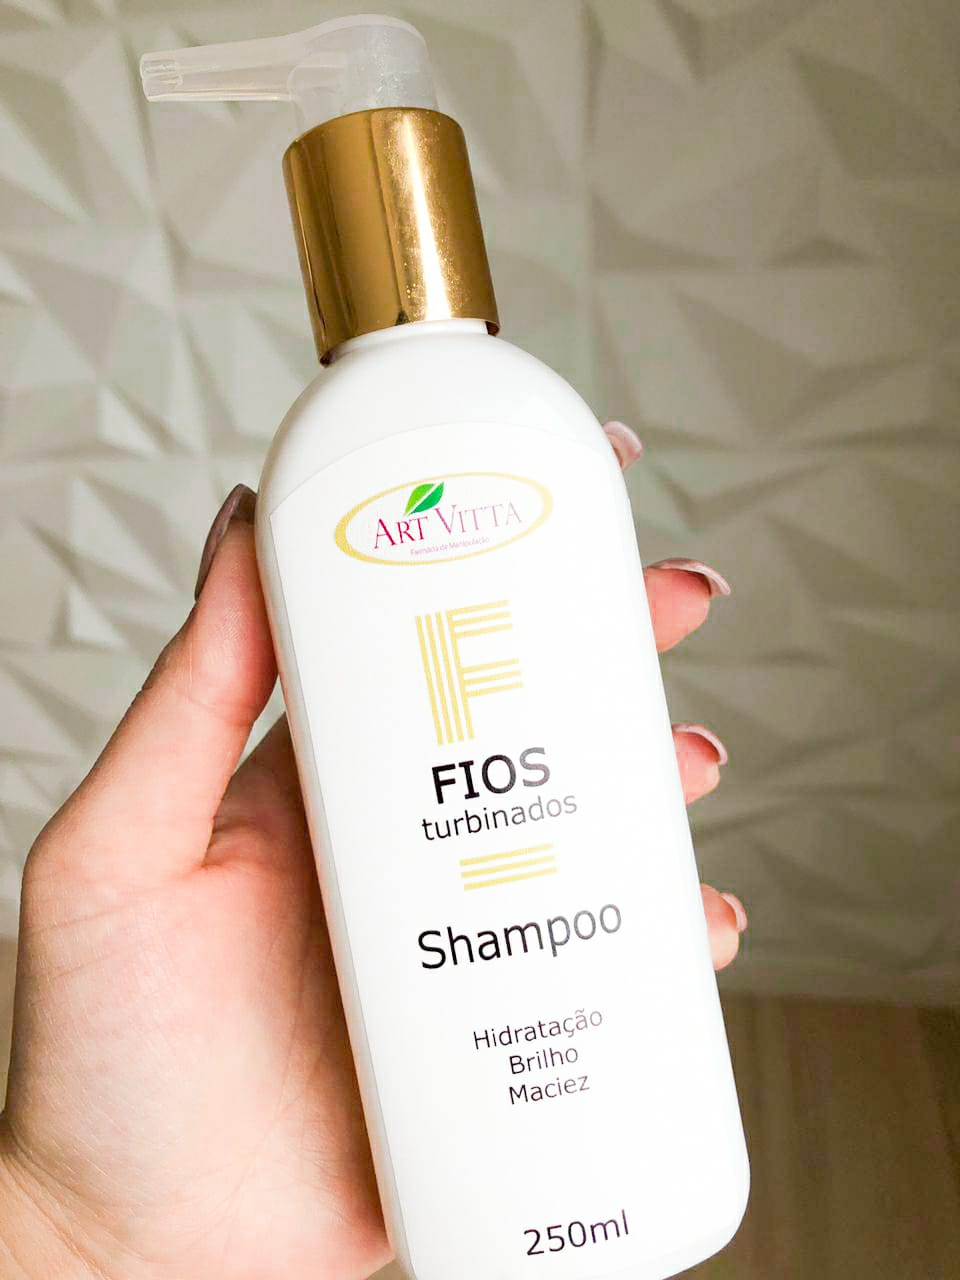 linha-fios-turbinados-da-art-vitta-e-boa-resenha-shampoo